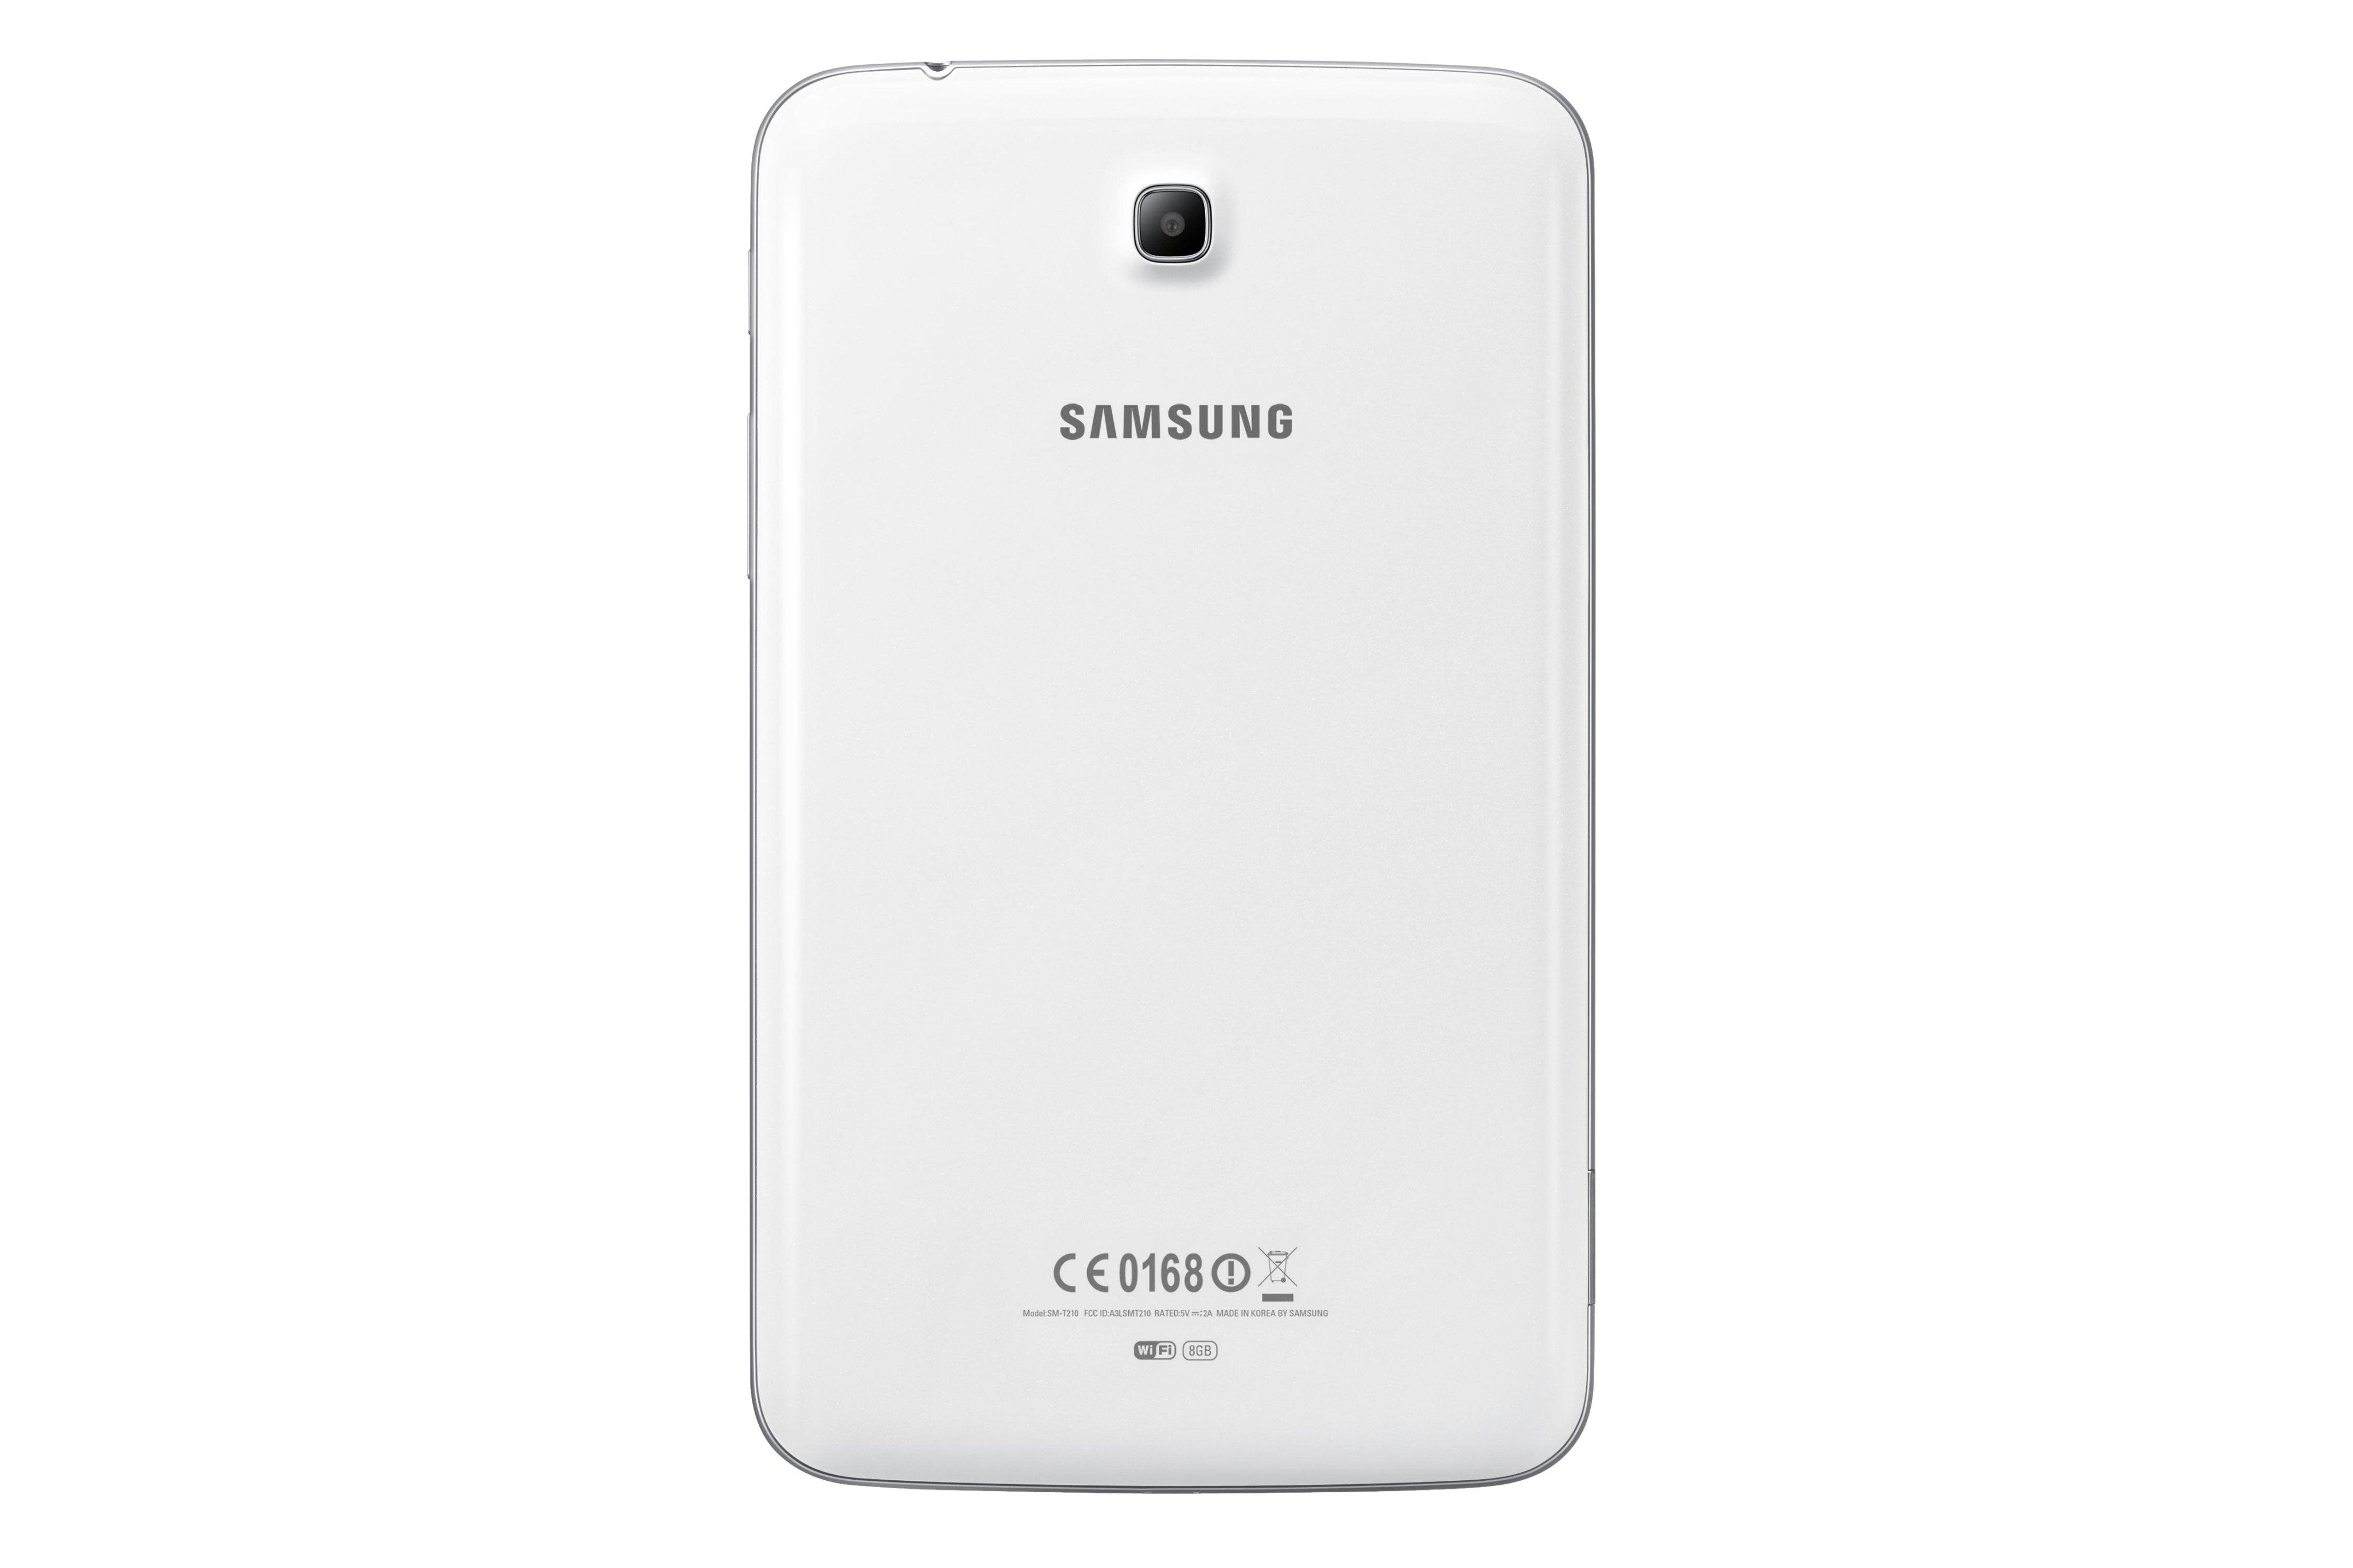 GALAXY Tab 3 7 inch_002_WiFi